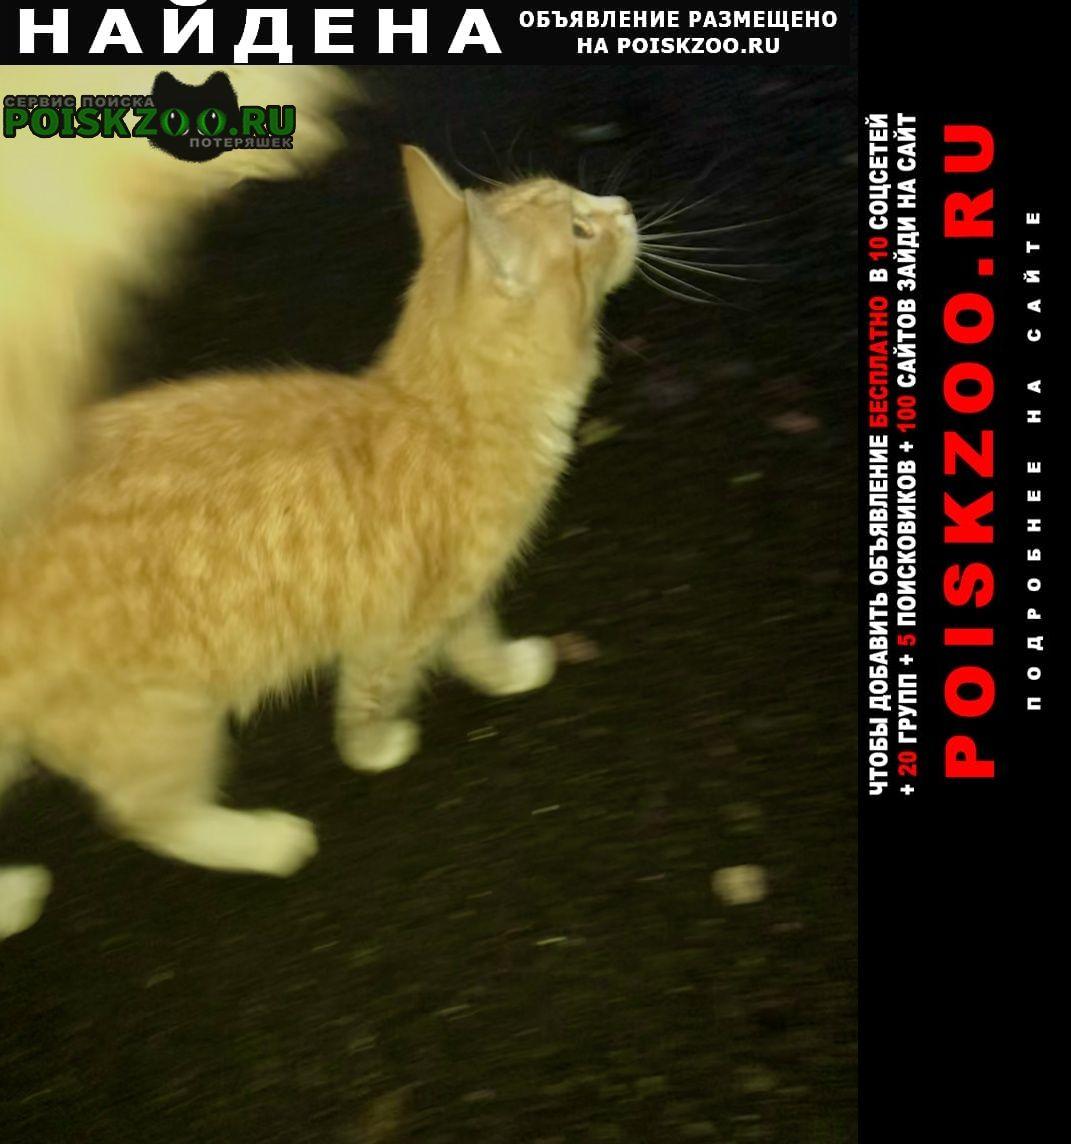 Найдена кошка рыжий котёнок-подросток Москва